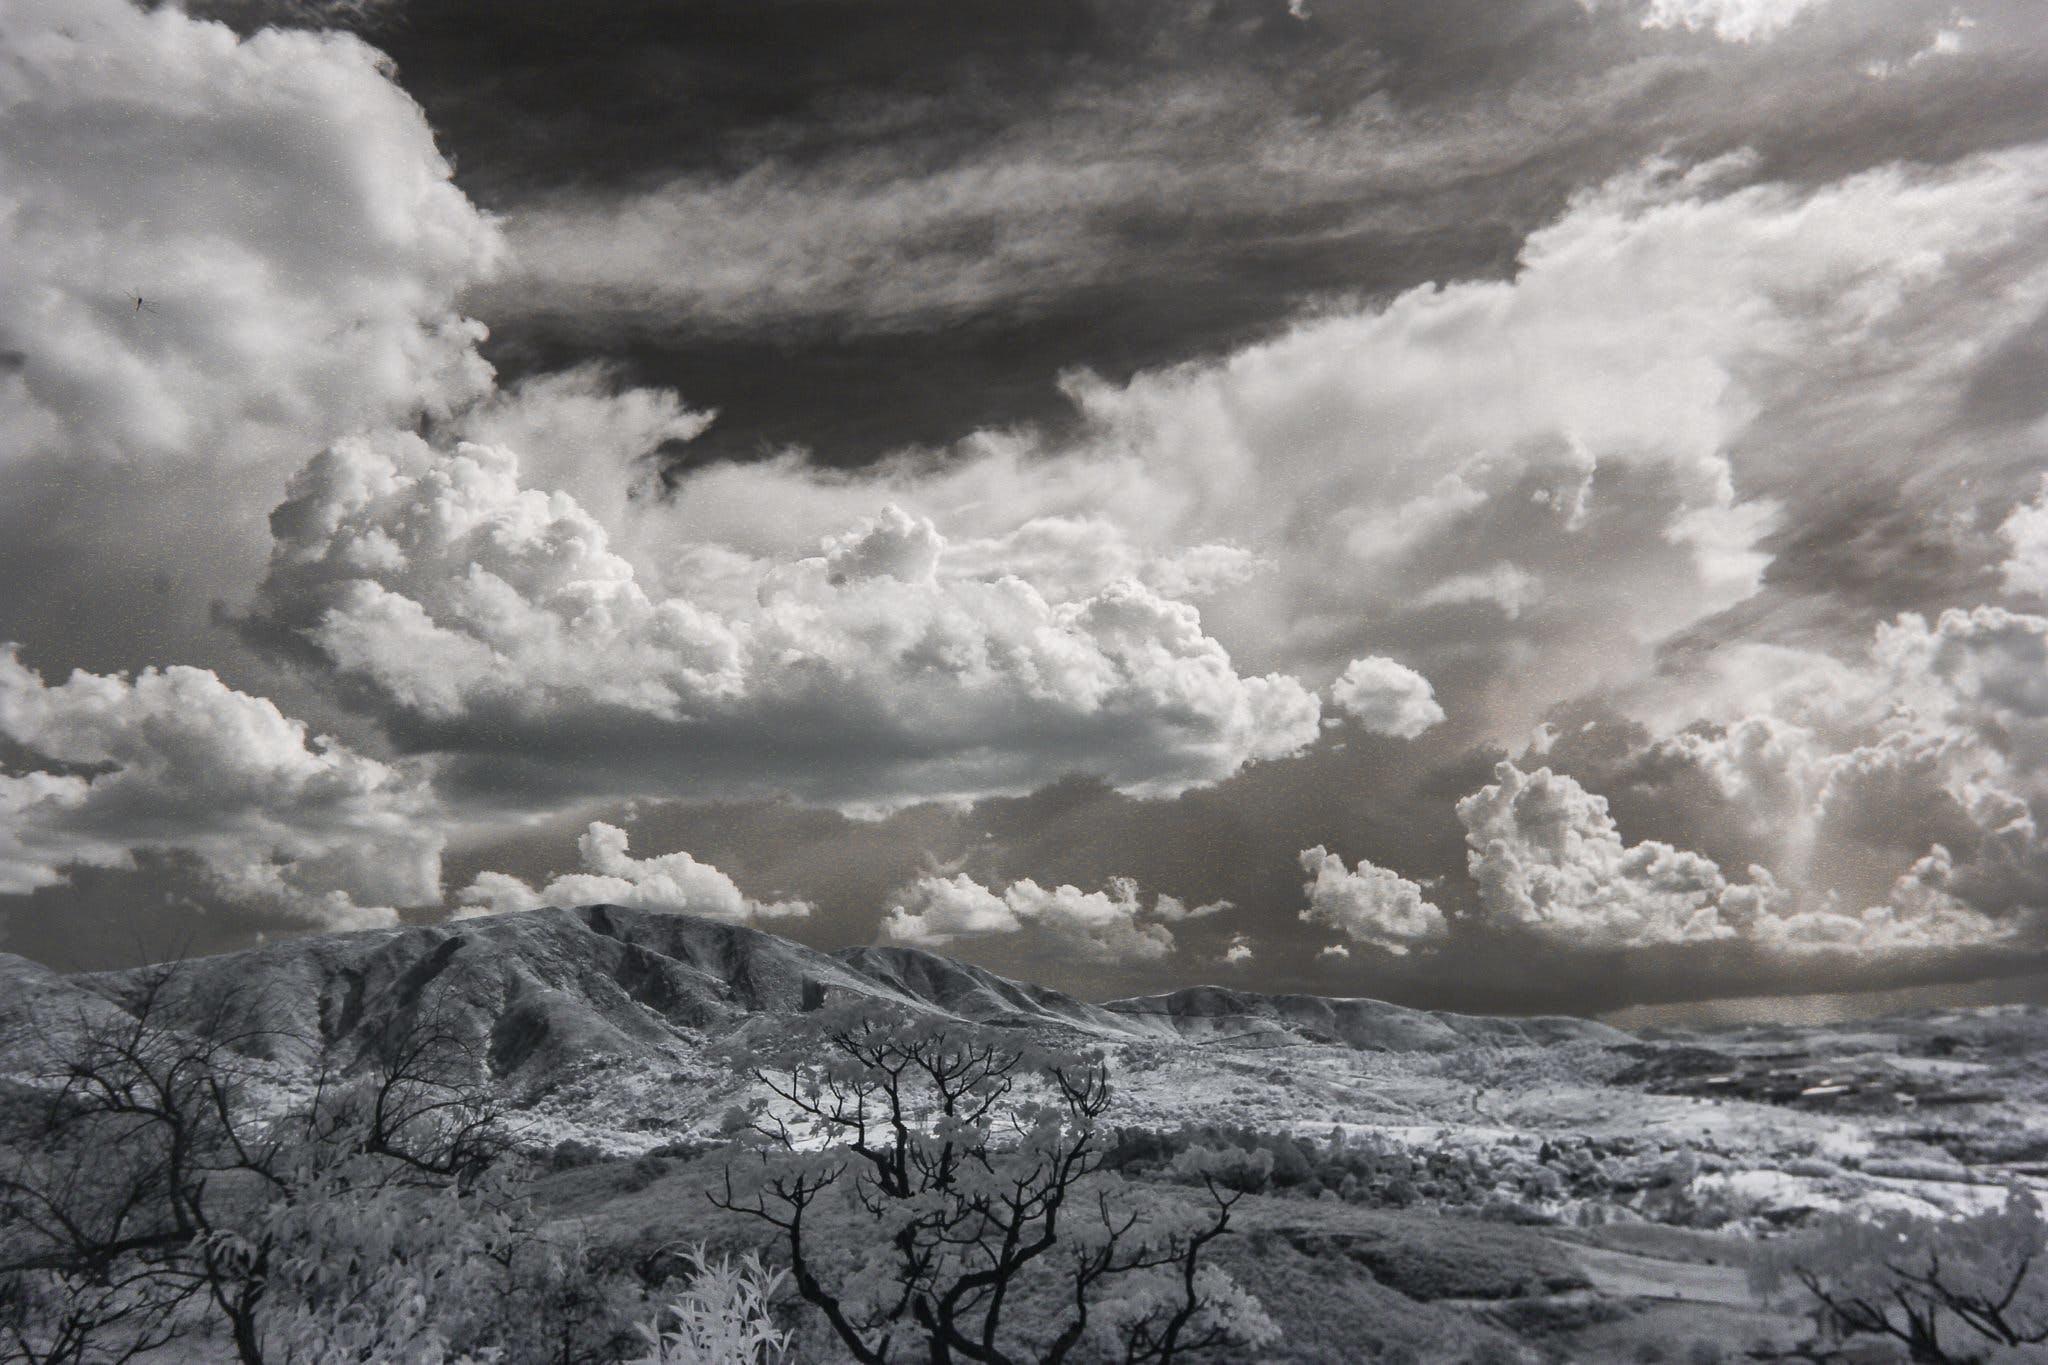 Snow Covered Trees Under Cumulonimbus Clouds